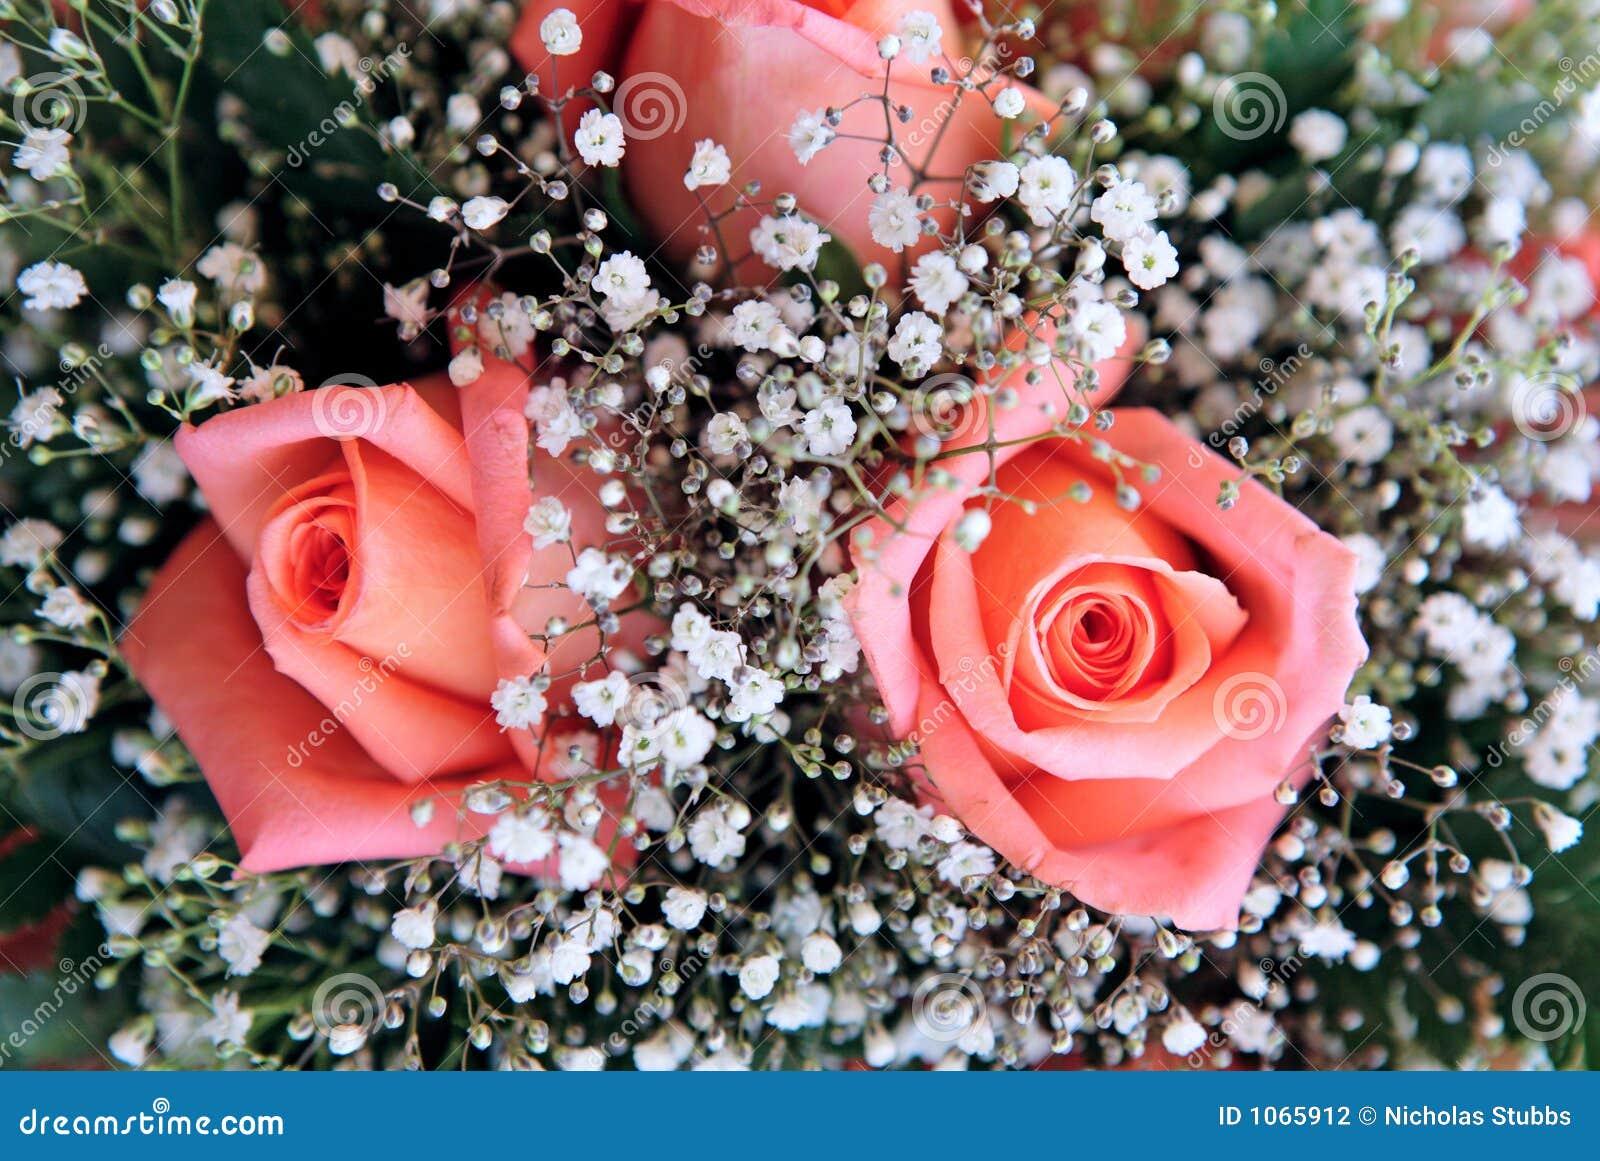 Ramo hermoso de flores en una boda